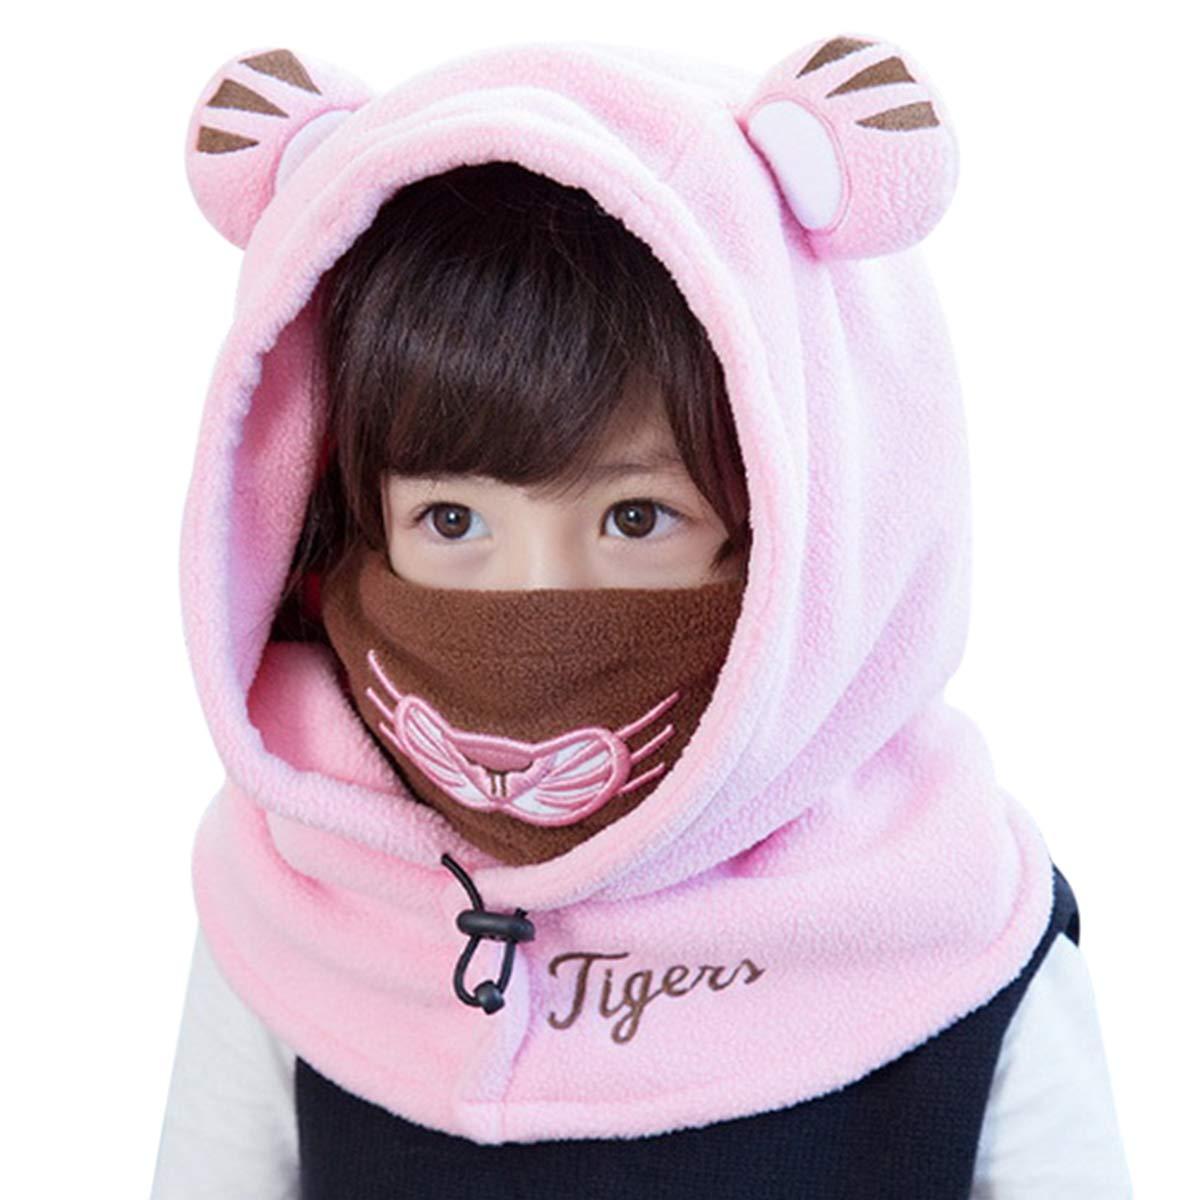 DORRISO Niños Bebe Gorra Otoño Invierno Cómodo Calentar Pequeña Pequeño Tigre Lindo Gorras Sombrero de Niño Apto para 1-12 años Niños bebé